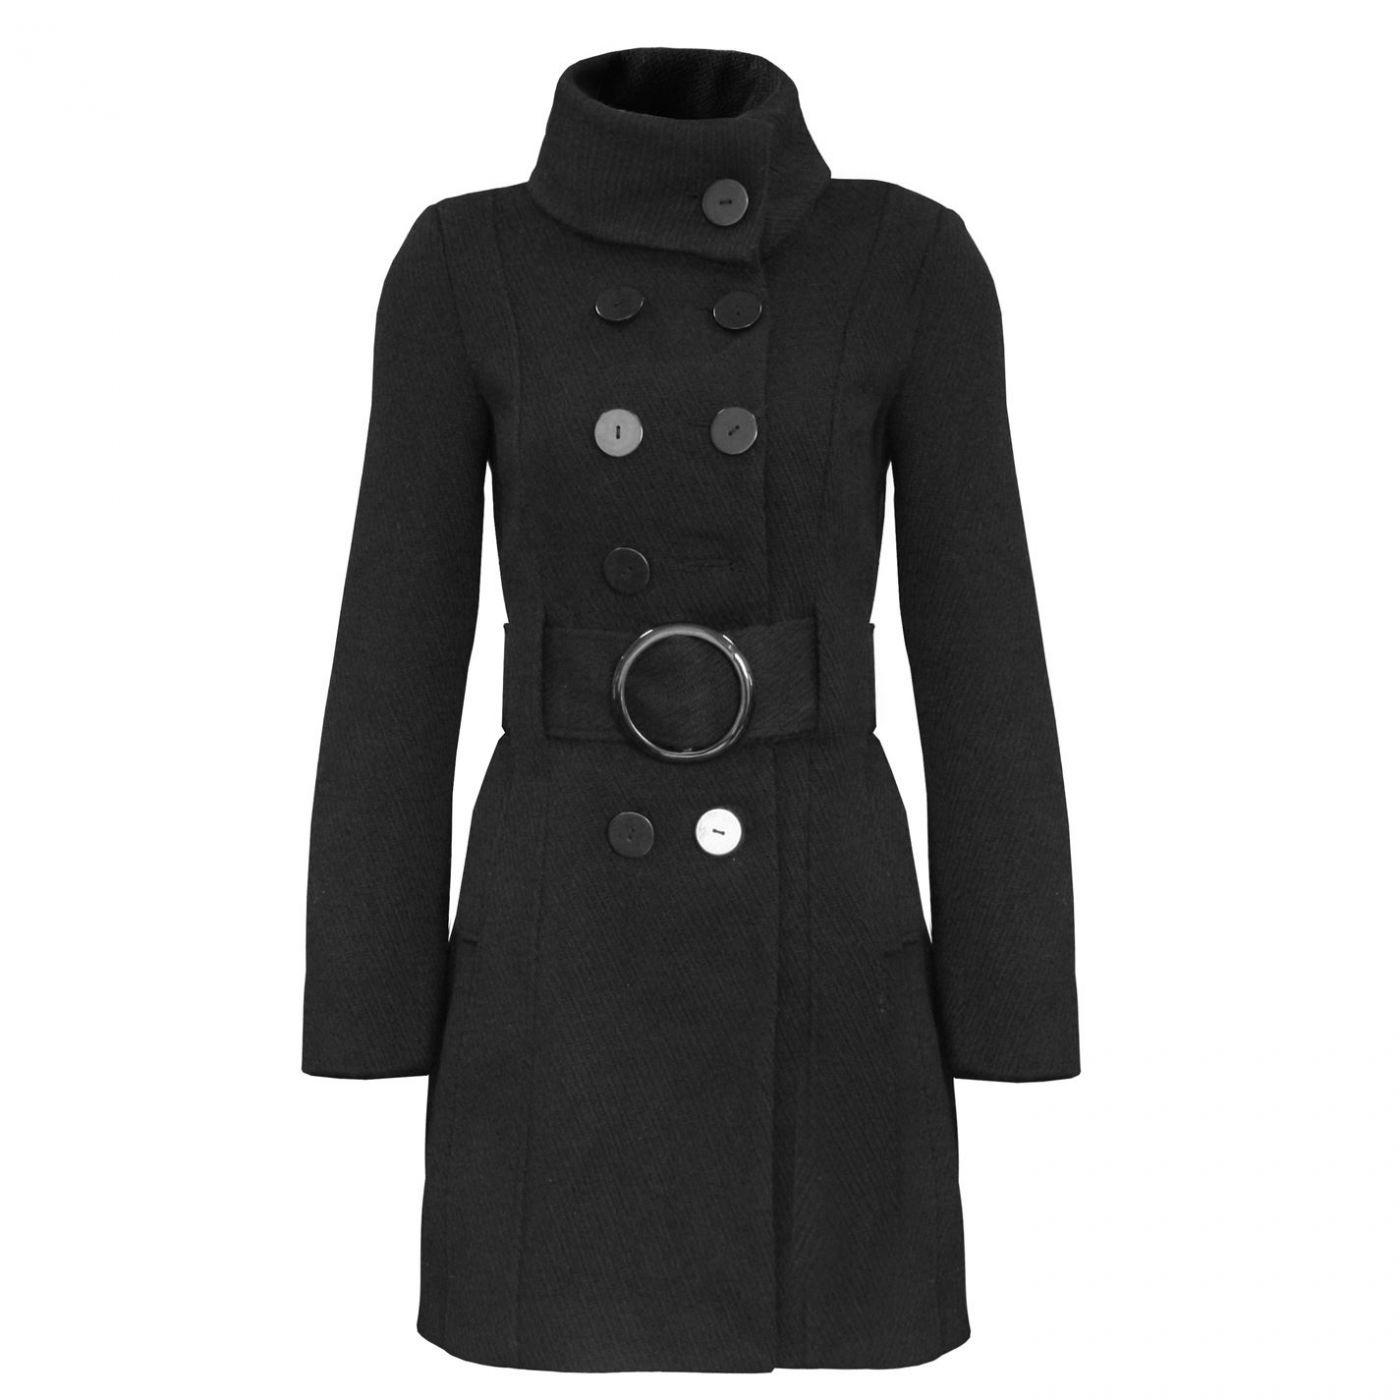 8a8c01e107 Ženy oblečení - FACTCOOL